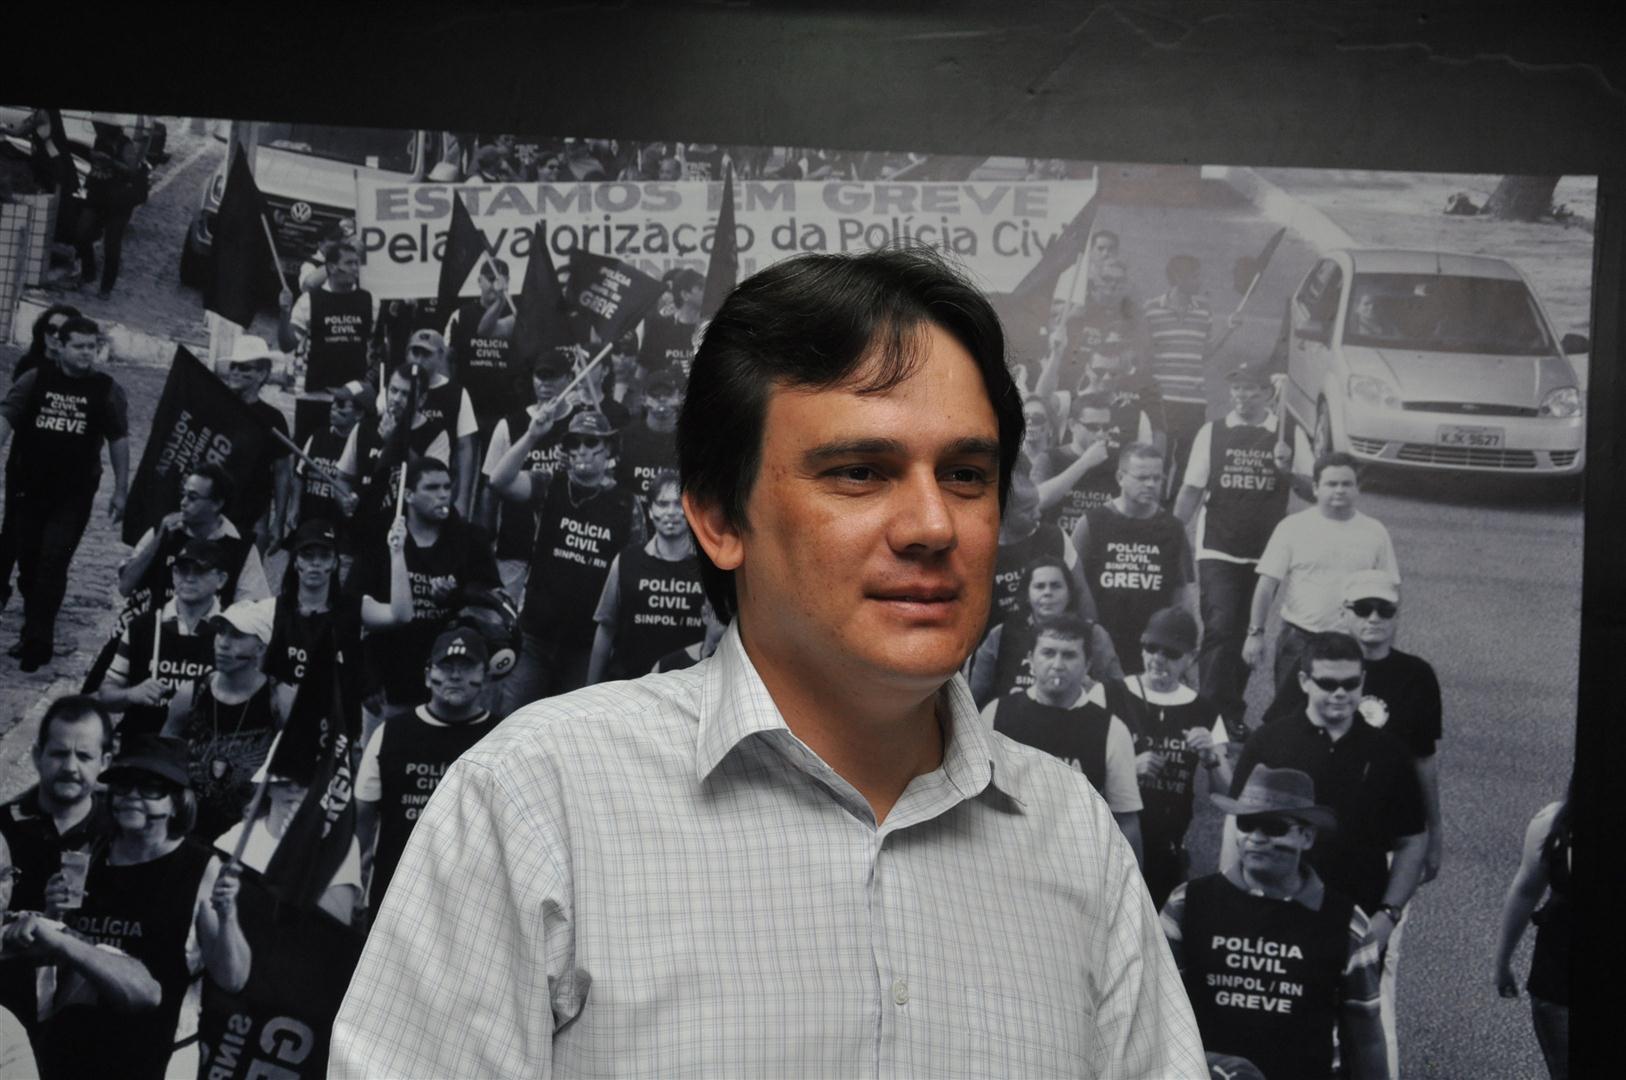 O presidente do Sinpol, Djair Oliveira, confirmou a reunião